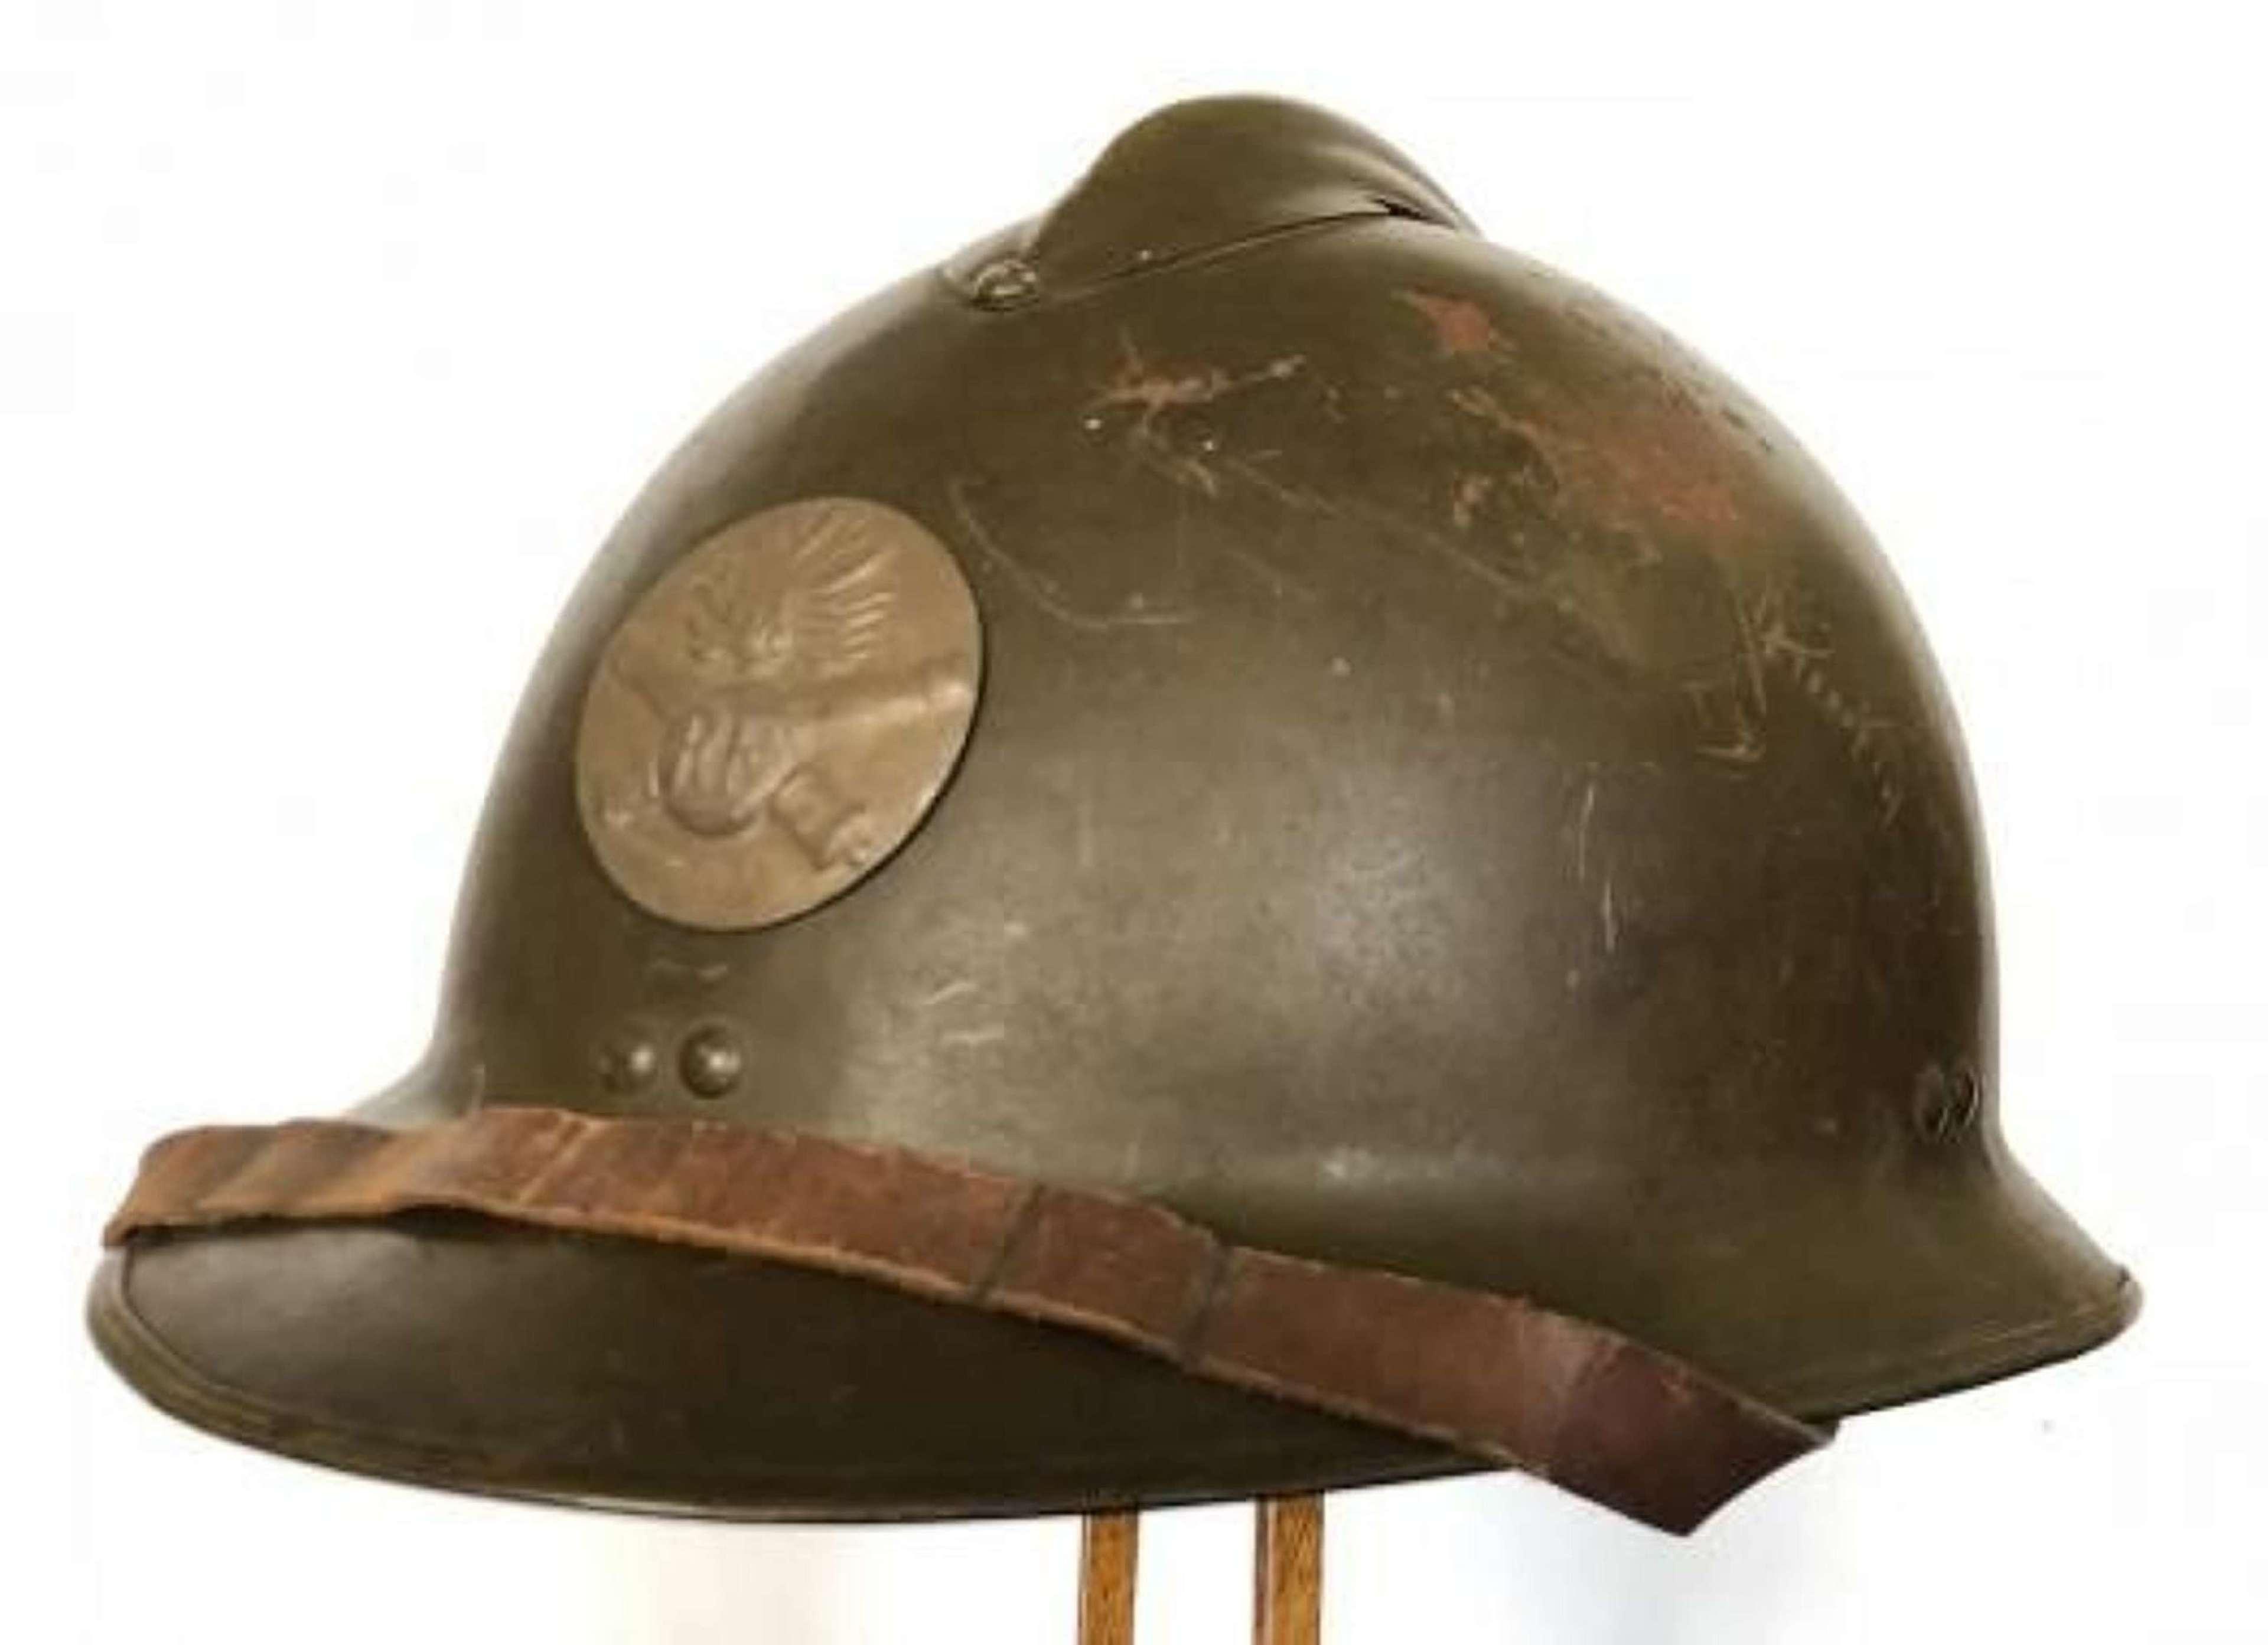 WW2 Pattern Battle of France Period French Artillery Helmet.